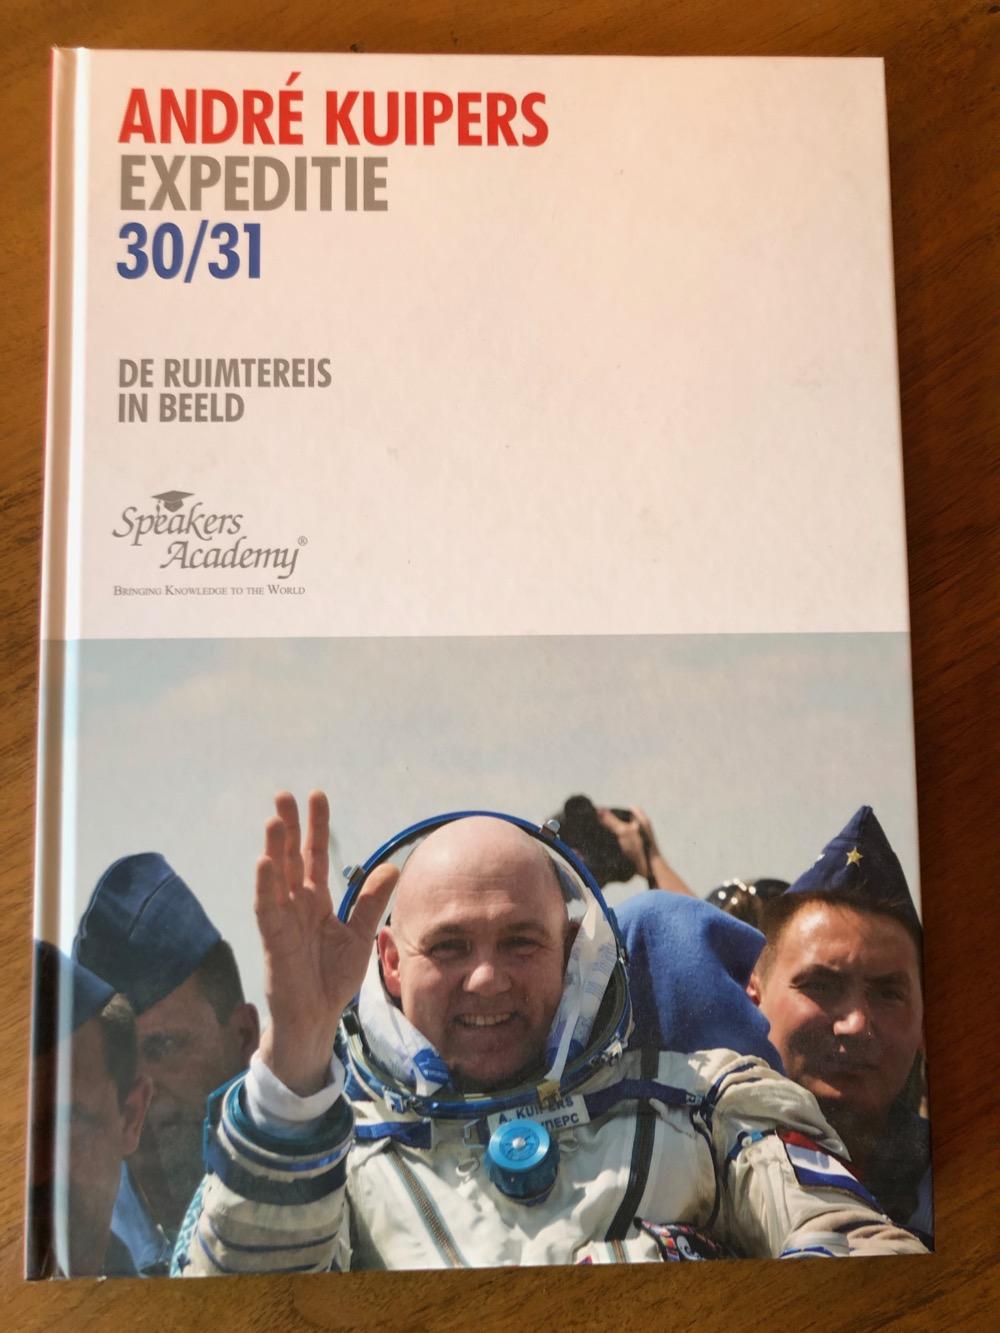 Je bekijkt nu Expeditie 30/31, 2012 [Gesigneerd]